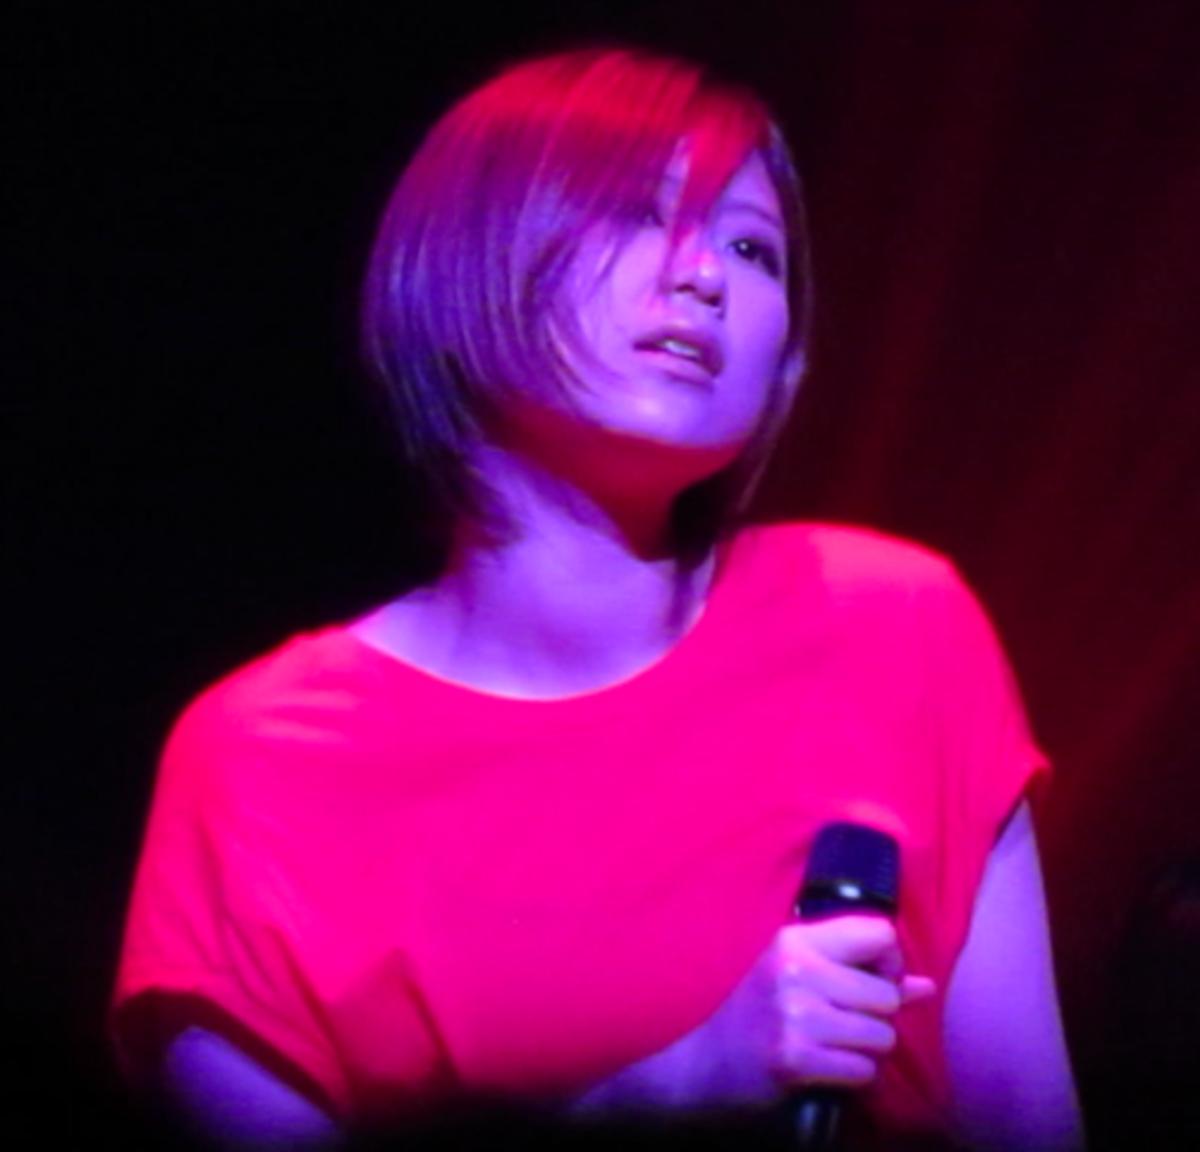 紅白 出場 女性 歌手 a 誰